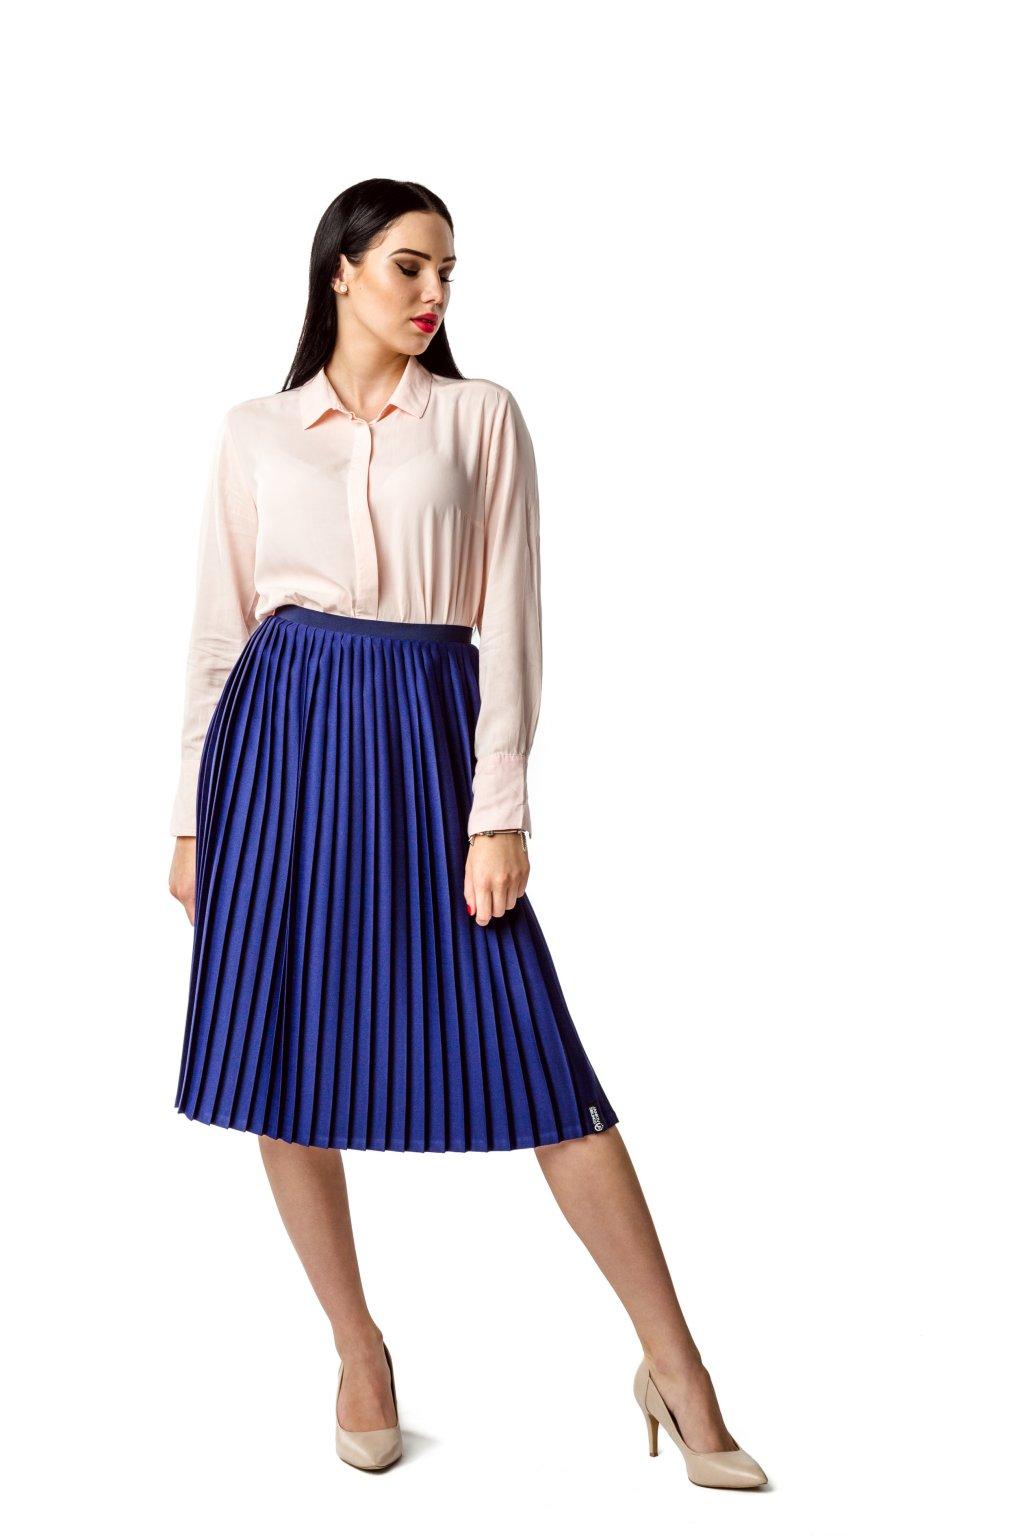 plisovaná sukňa, ručne plisovaná sukňa, biznis plisovaná sukňa, sukňa biznis, casual plisovaná sukňa, casual sukňa, sukňa jankiv siblings, jankiv siblings, midi plisovaná sukňa, pleated skirt, business skirt, plissé